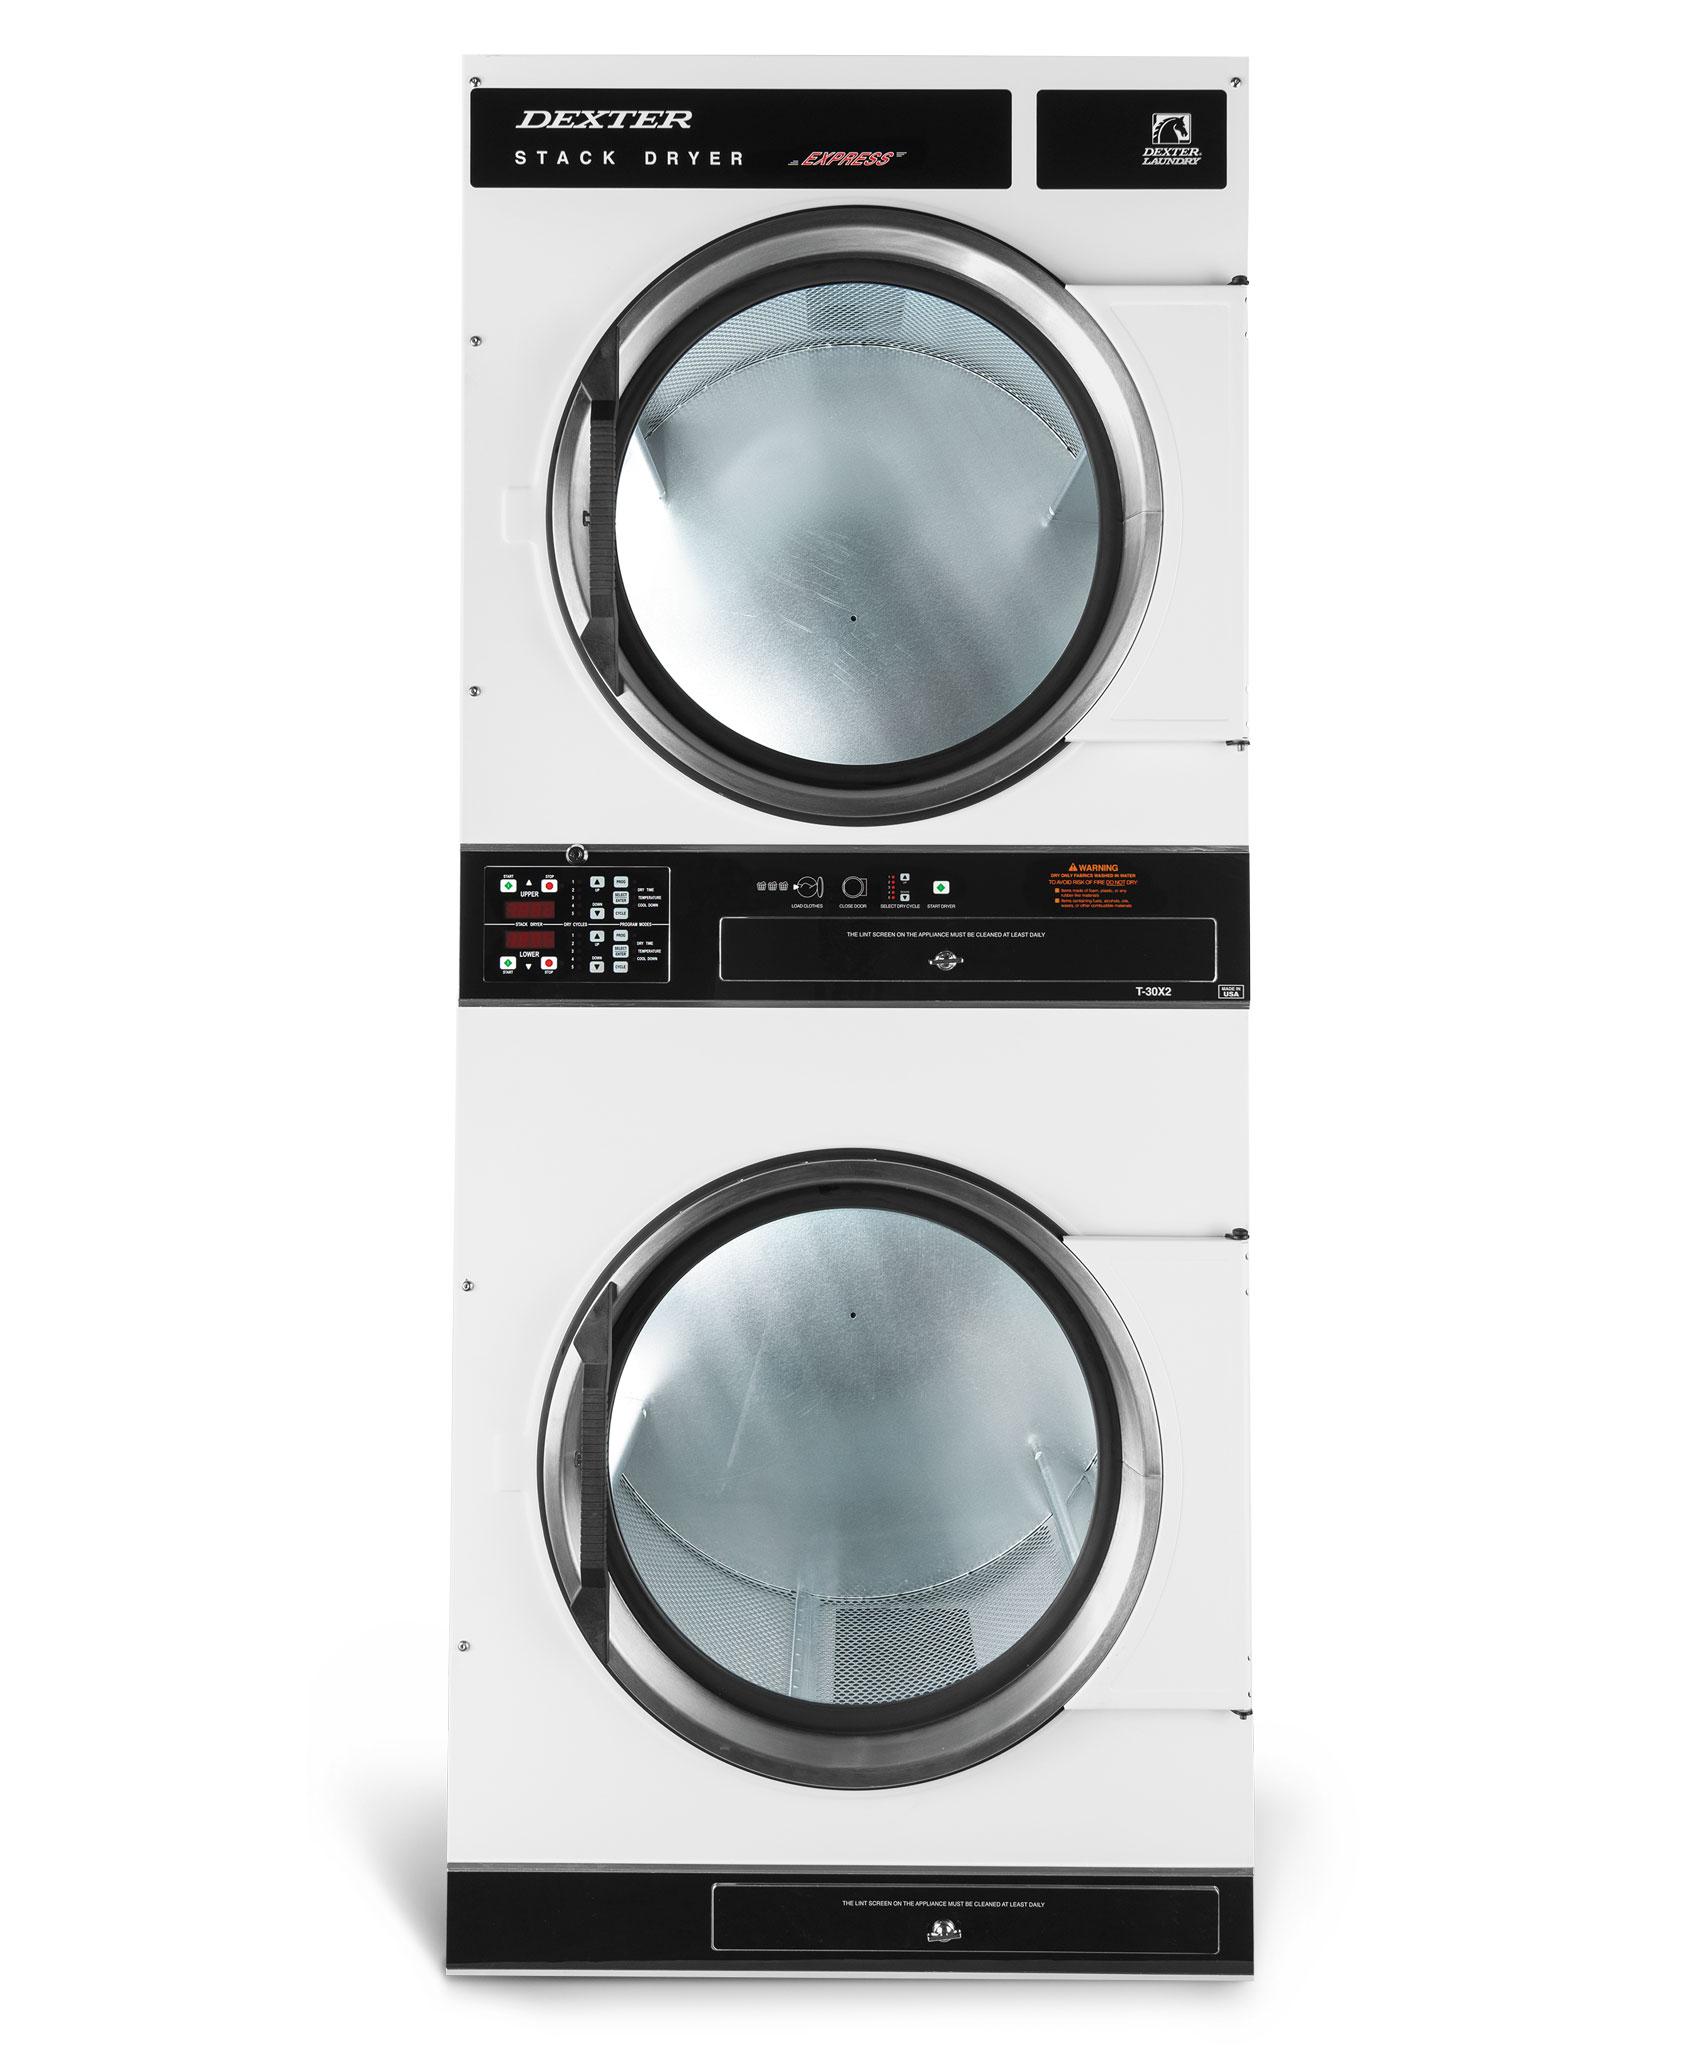 t 30x2 6 cycle front sbwowpox8xa2ovmvuprytbfzm9bhsvxibulmrxelwrg 3   dexter stacked dryer